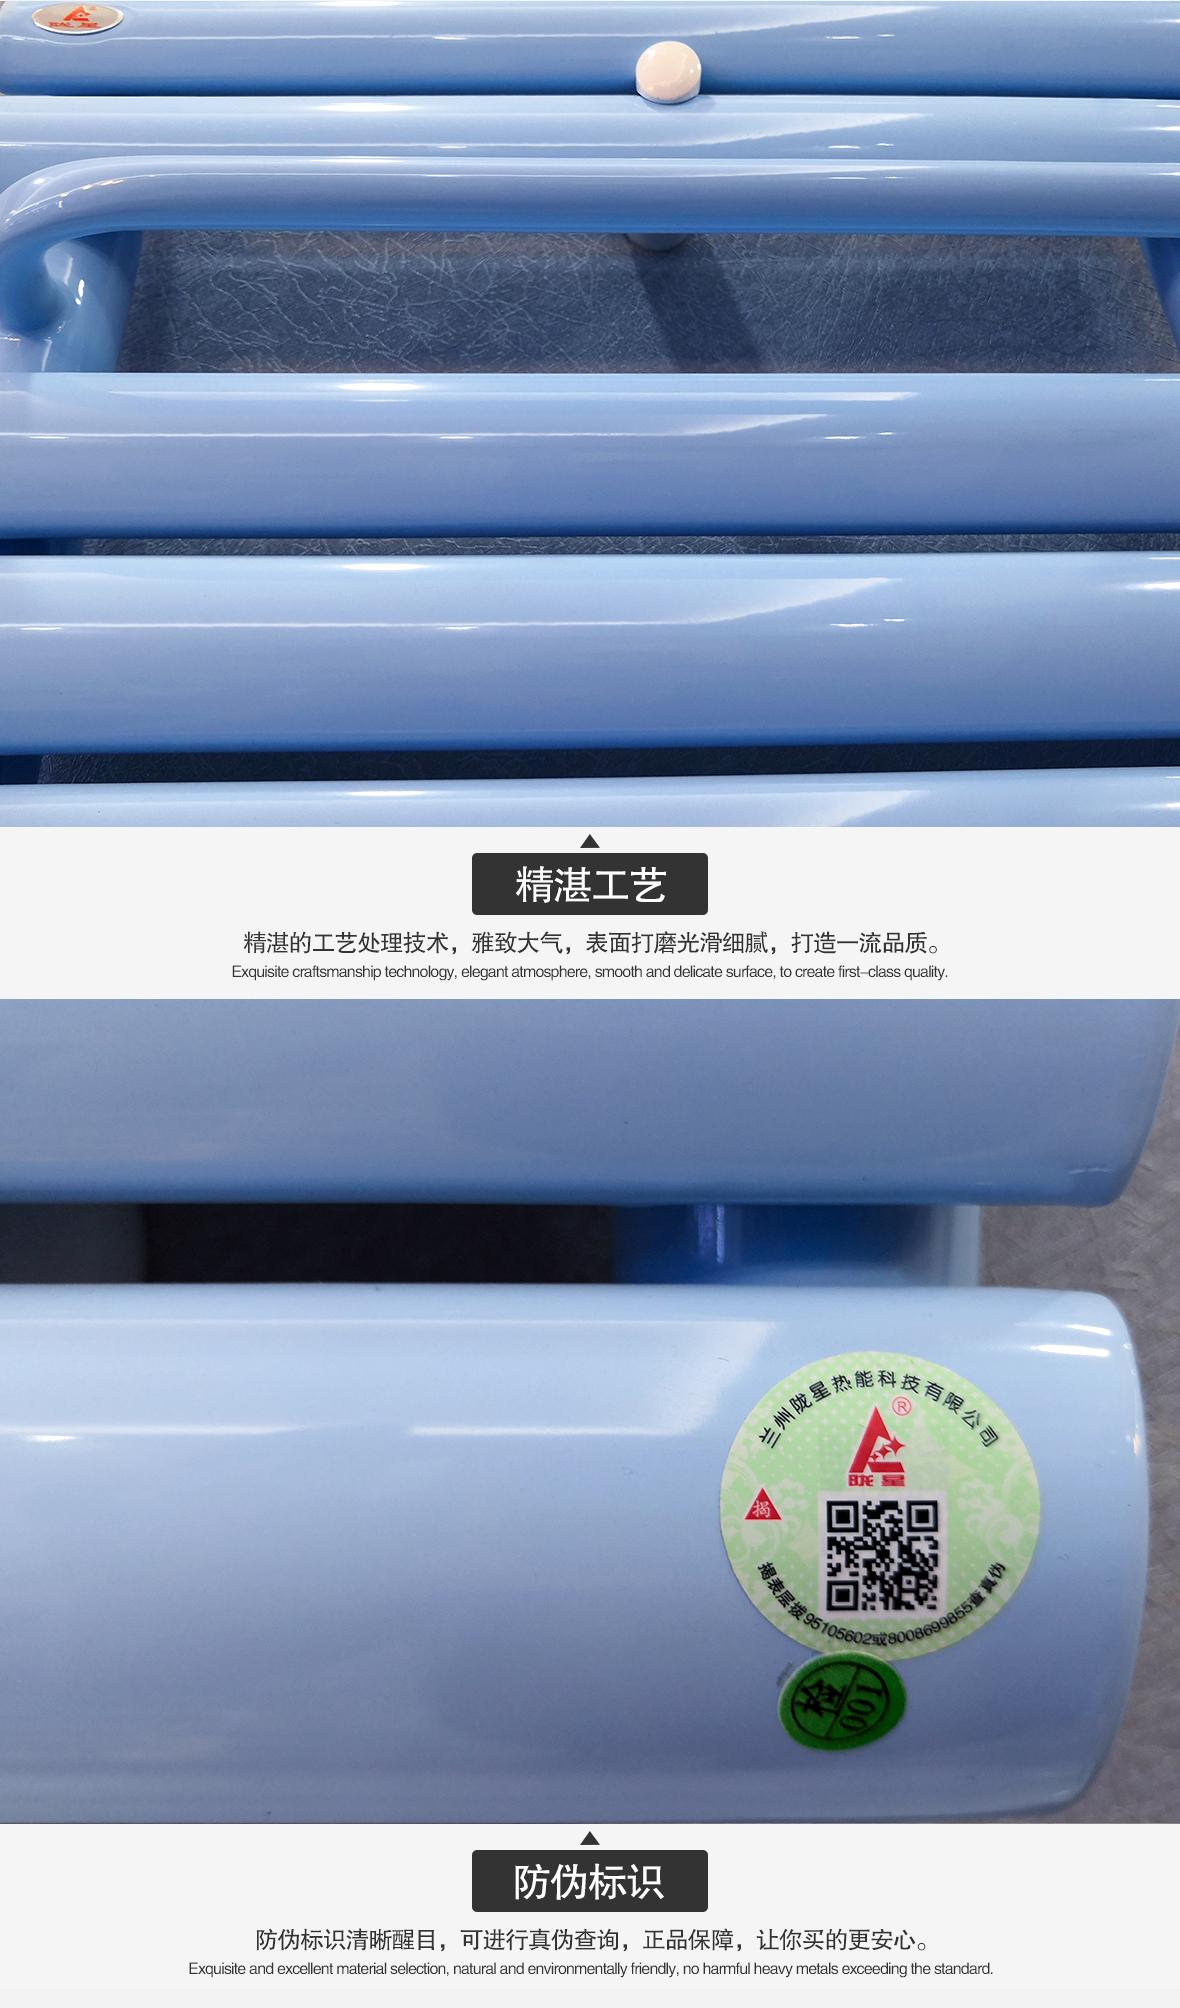 陇星散热器 LXGZ-9/B-2型号小背篓散热器 低碳钢材质图片、价格、品牌、评测样样齐全!【蓝景商城正品行货,蓝景丽家大钟寺家居广场提货,北京地区配送,领券更优惠,线上线下同品同价,立即购买享受更多优惠哦!】